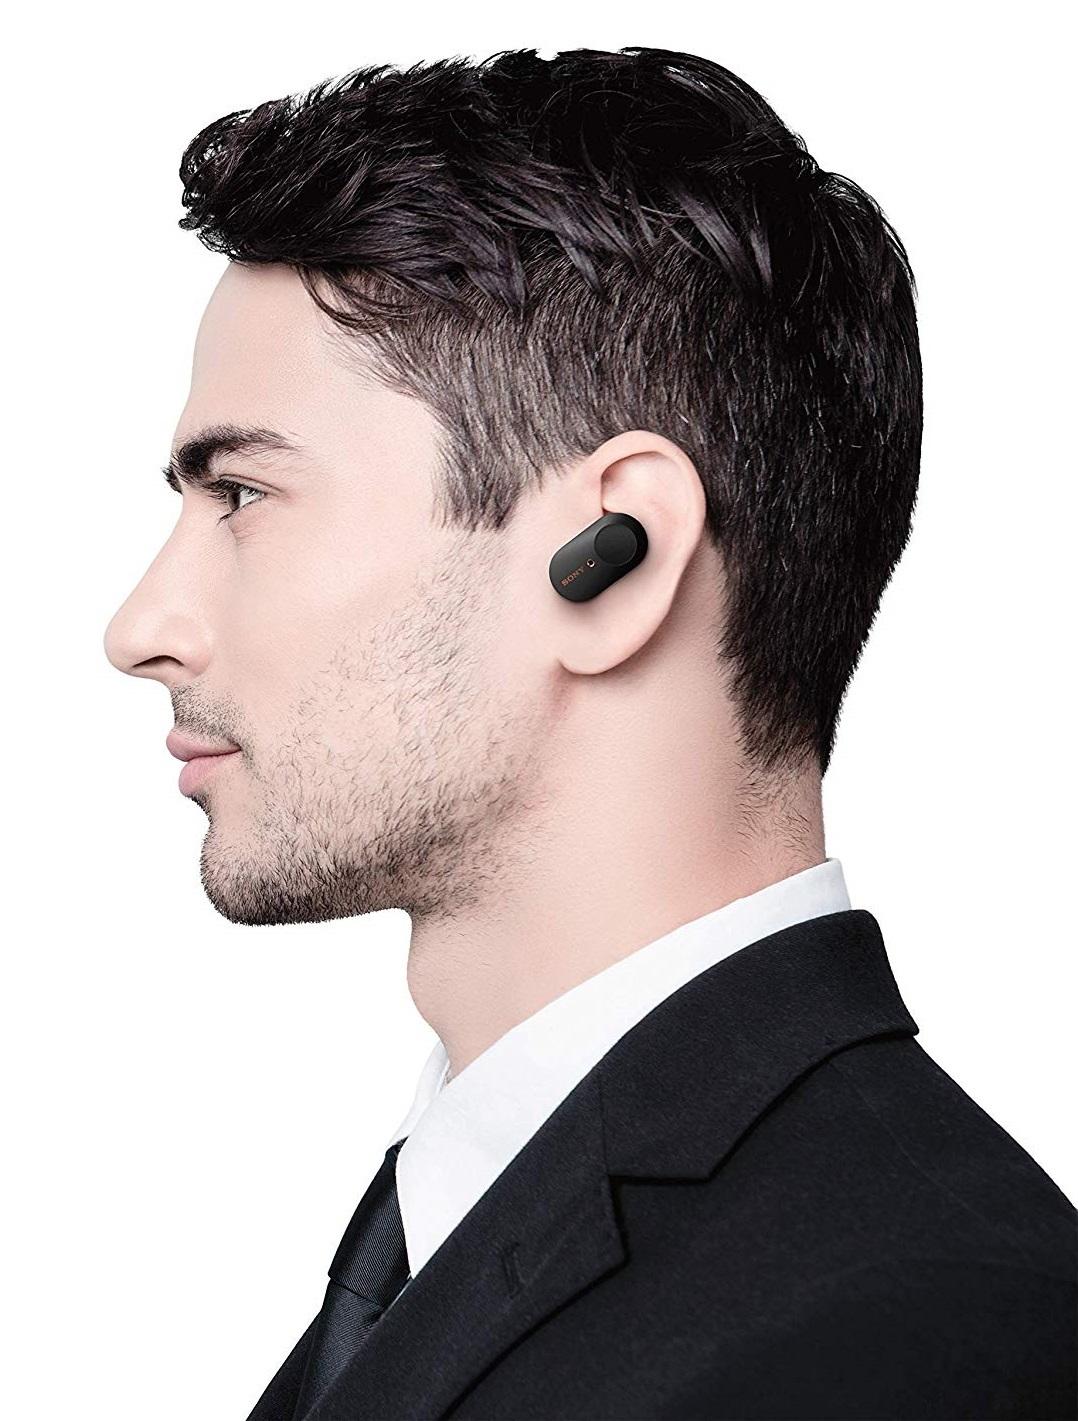 Sony WF-1000XM3 True Wireless Noise Cancelling In-Ear Headphones (Black) image